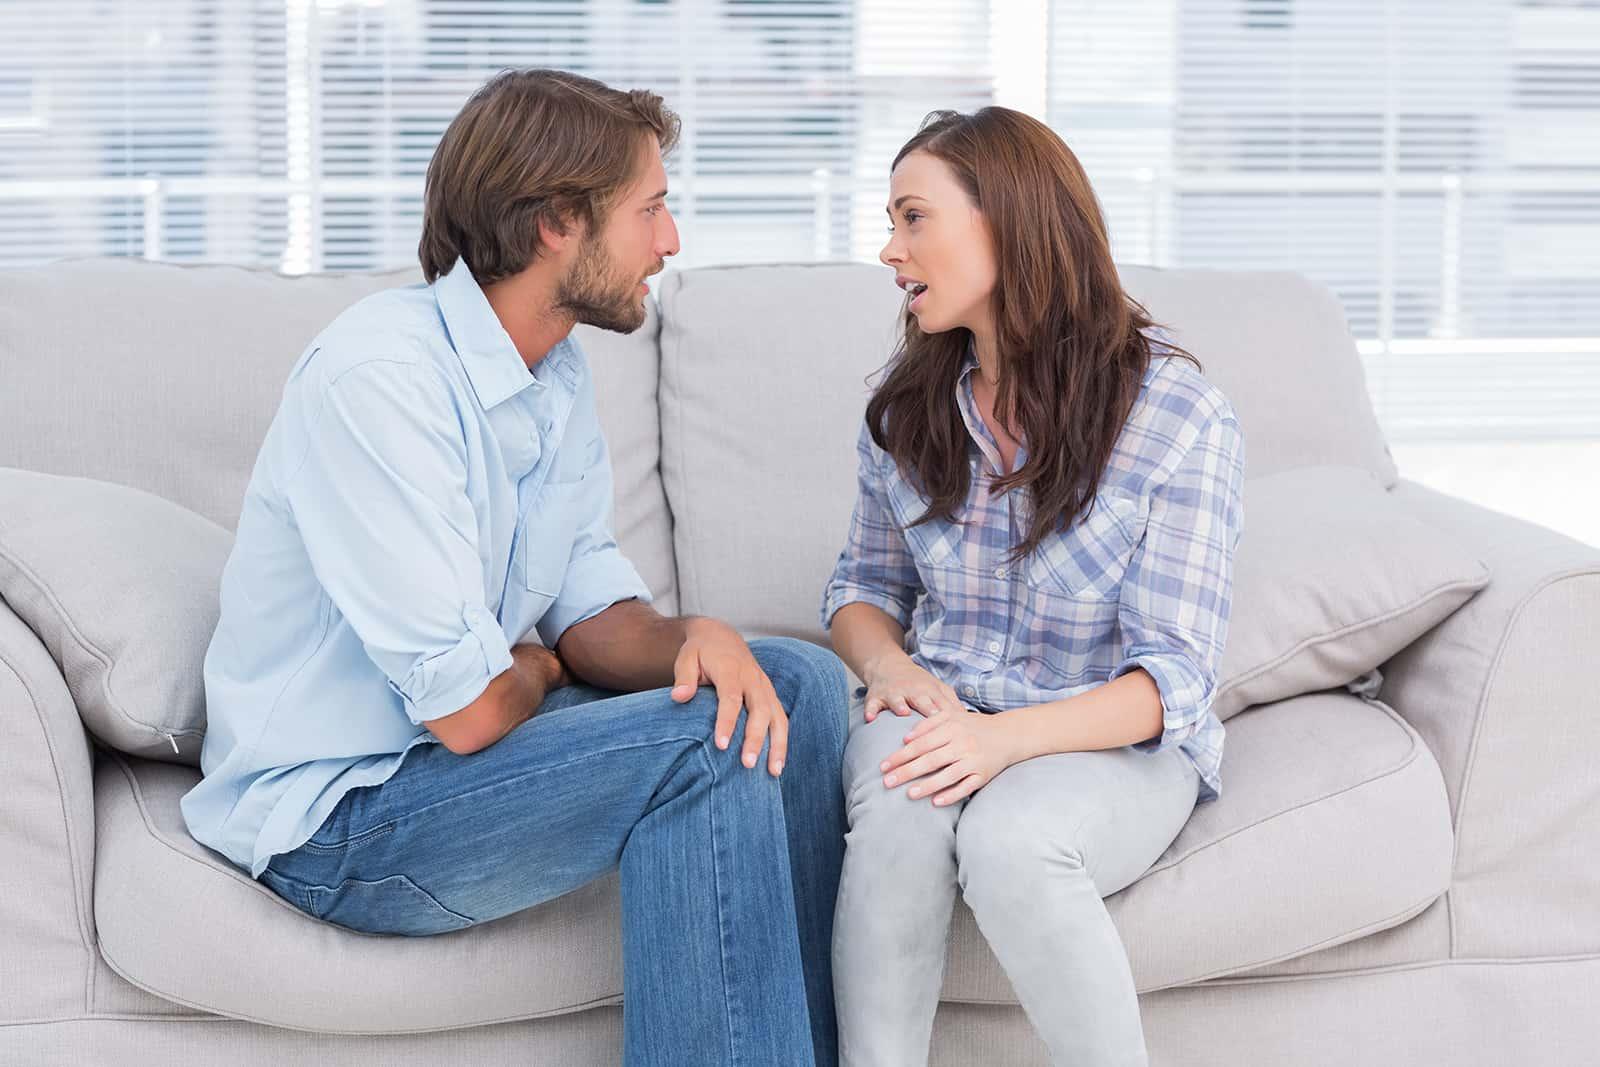 ein Paar, das ein ernstes Gespräch auf der Couch führt